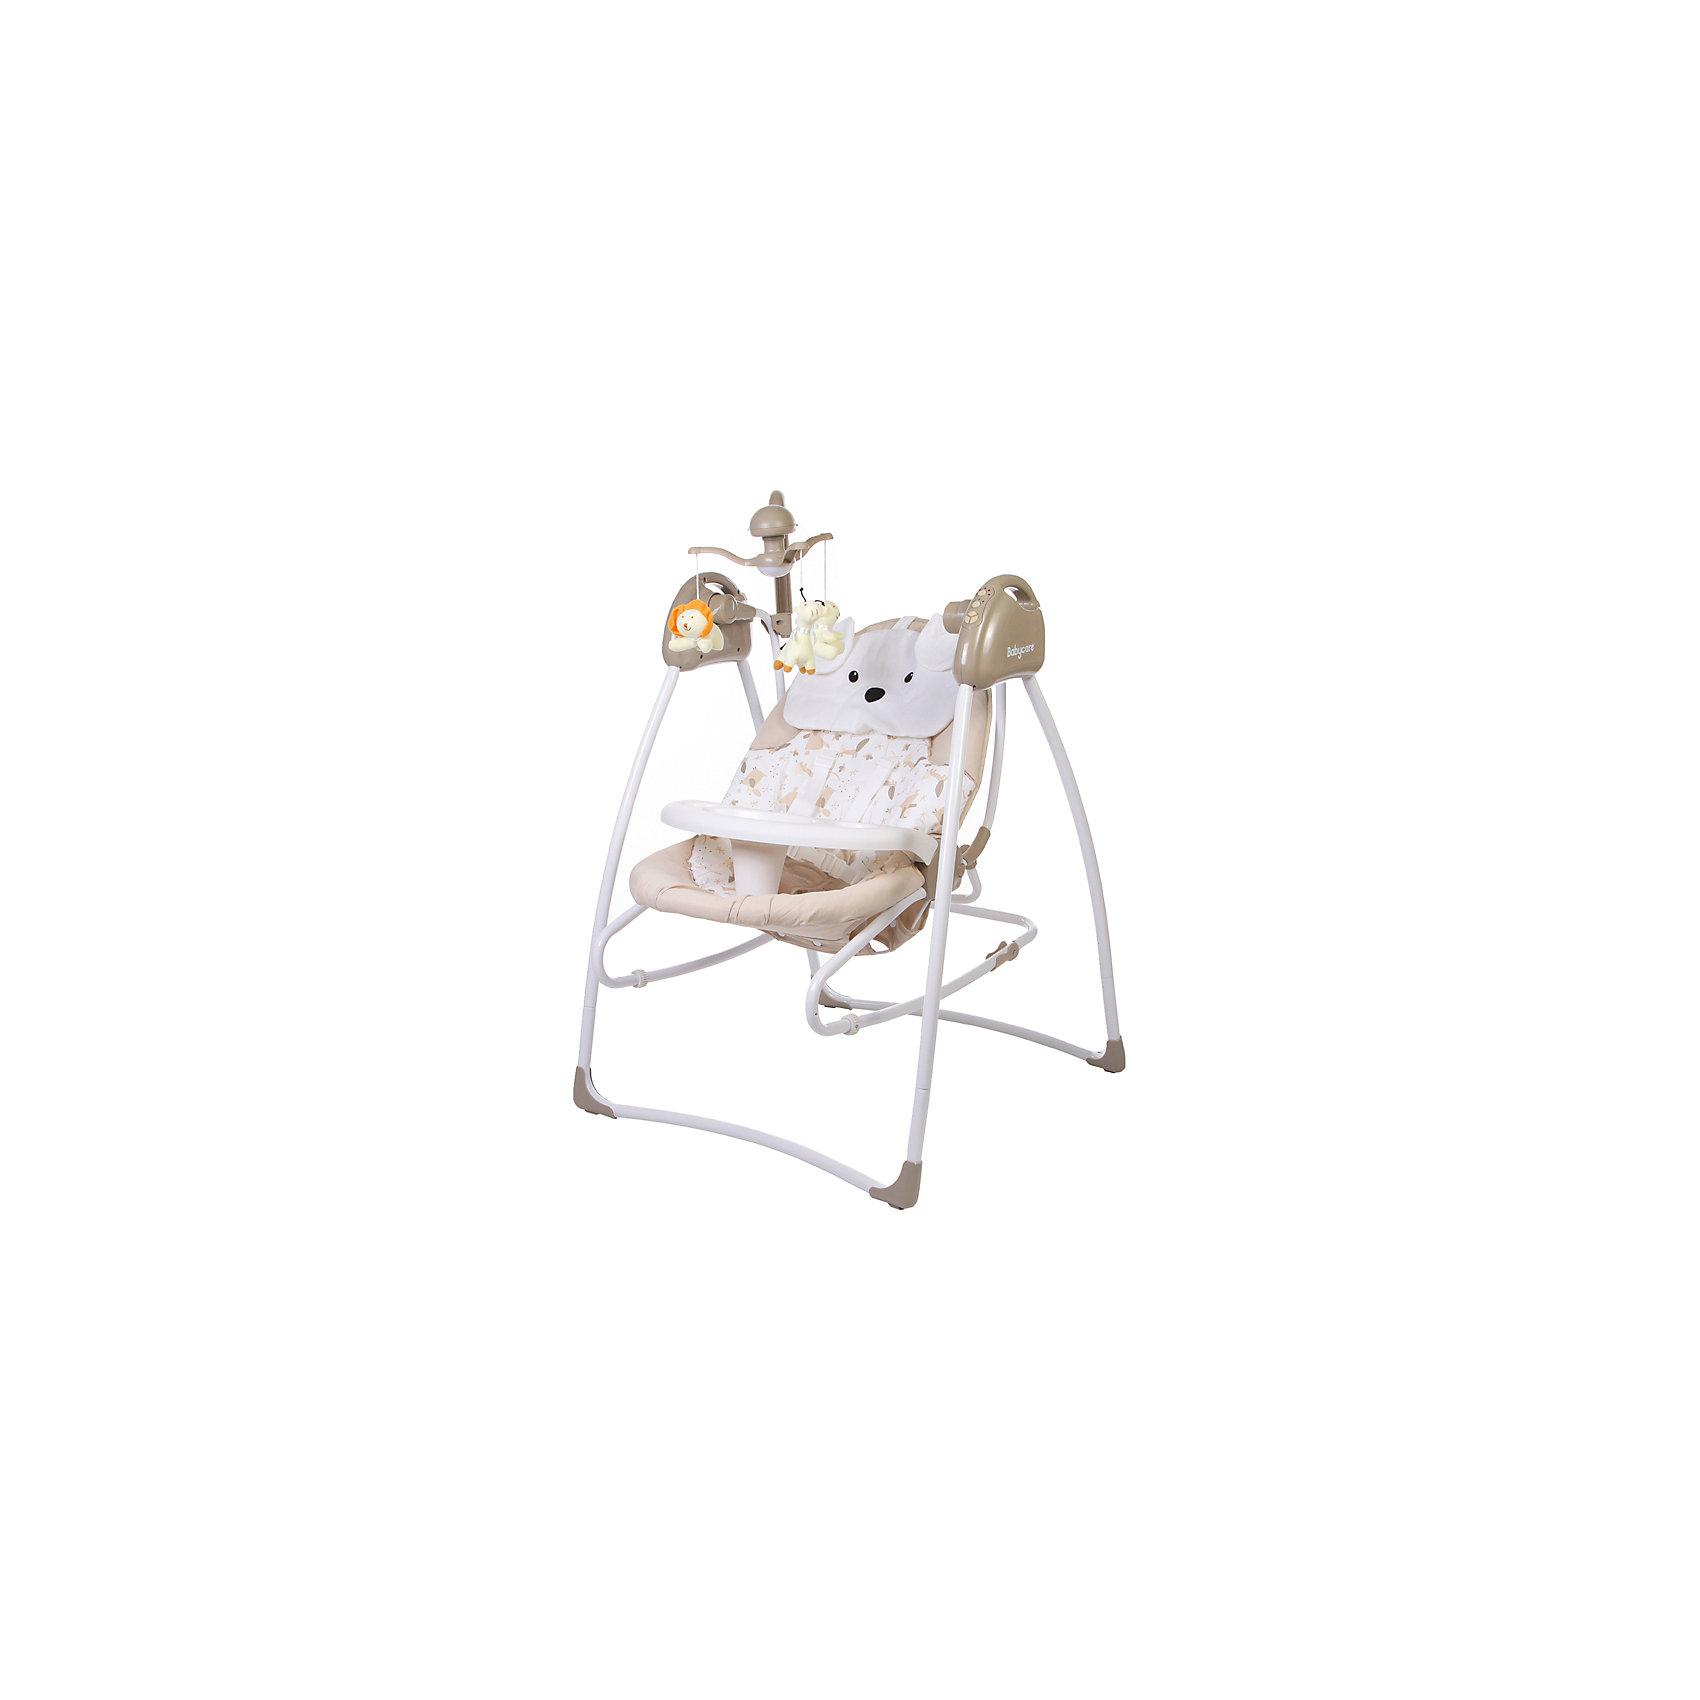 Электрокачели Butterfly 2 в 1 с адаптером, Baby Care, латтеКачели электронные<br>Характеристики электрокачелей Butterfly Baby Care:<br><br>• регулируется угол наклона спинки: 3 положения;<br>• предусмотрено 5 скоростей качания;<br>• музыкальный блок: 12 мелодий;<br>• регулятор громкости;<br>• таймер;<br>• наличие 5-ти точечных ремней безопасности;<br>• съемная дуга с подвесными игрушками;<br>• чехол электрокачелей можно снять и постирать при температуре 30 градусов;<br>• материал: алюминий, пластик, полиэстер.<br><br>Размер в разложенном виде: 78х69х101 см<br>Размер в сложенном виде: 69х69х106 см<br>Расстояние от пола до сидения: 38 см<br>Размер сидения: 80х45 см<br>Вес: 8,2 кг<br>Допустимый вес ребенка: до 15 кг<br>Размер упаковки: 50,5х29х72,5 см<br>Вес упаковки: 8,7 кг<br><br>Электрокачели 2 в 1 Baby Care Butterfly используются как качели с вибро-музыкальным блоком для сна и отдыха крохи, а также, в качестве кресла-качалки, которое устанавливается ровную поверхность. Для безопасности ребенка предусмотрены ремни безопасности, страховочный обод и разделитель для ножек. Плоская подушечка выполнена в форме головы медвежонка, снимается. <br><br>Комплектация:<br><br>• электрокачели Butterfly;<br>• музыкальный блок;<br>• дуга с подвесными игрушками;<br>• сетевой адаптер;<br>• инструкция.<br><br>Электрокачели Butterfly 2 в 1 с адаптером, Baby Care, латте можно купить в нашем интернет-магазине.<br><br>Ширина мм: 730<br>Глубина мм: 510<br>Высота мм: 290<br>Вес г: 8700<br>Возраст от месяцев: 2<br>Возраст до месяцев: 6<br>Пол: Унисекс<br>Возраст: Детский<br>SKU: 4746884